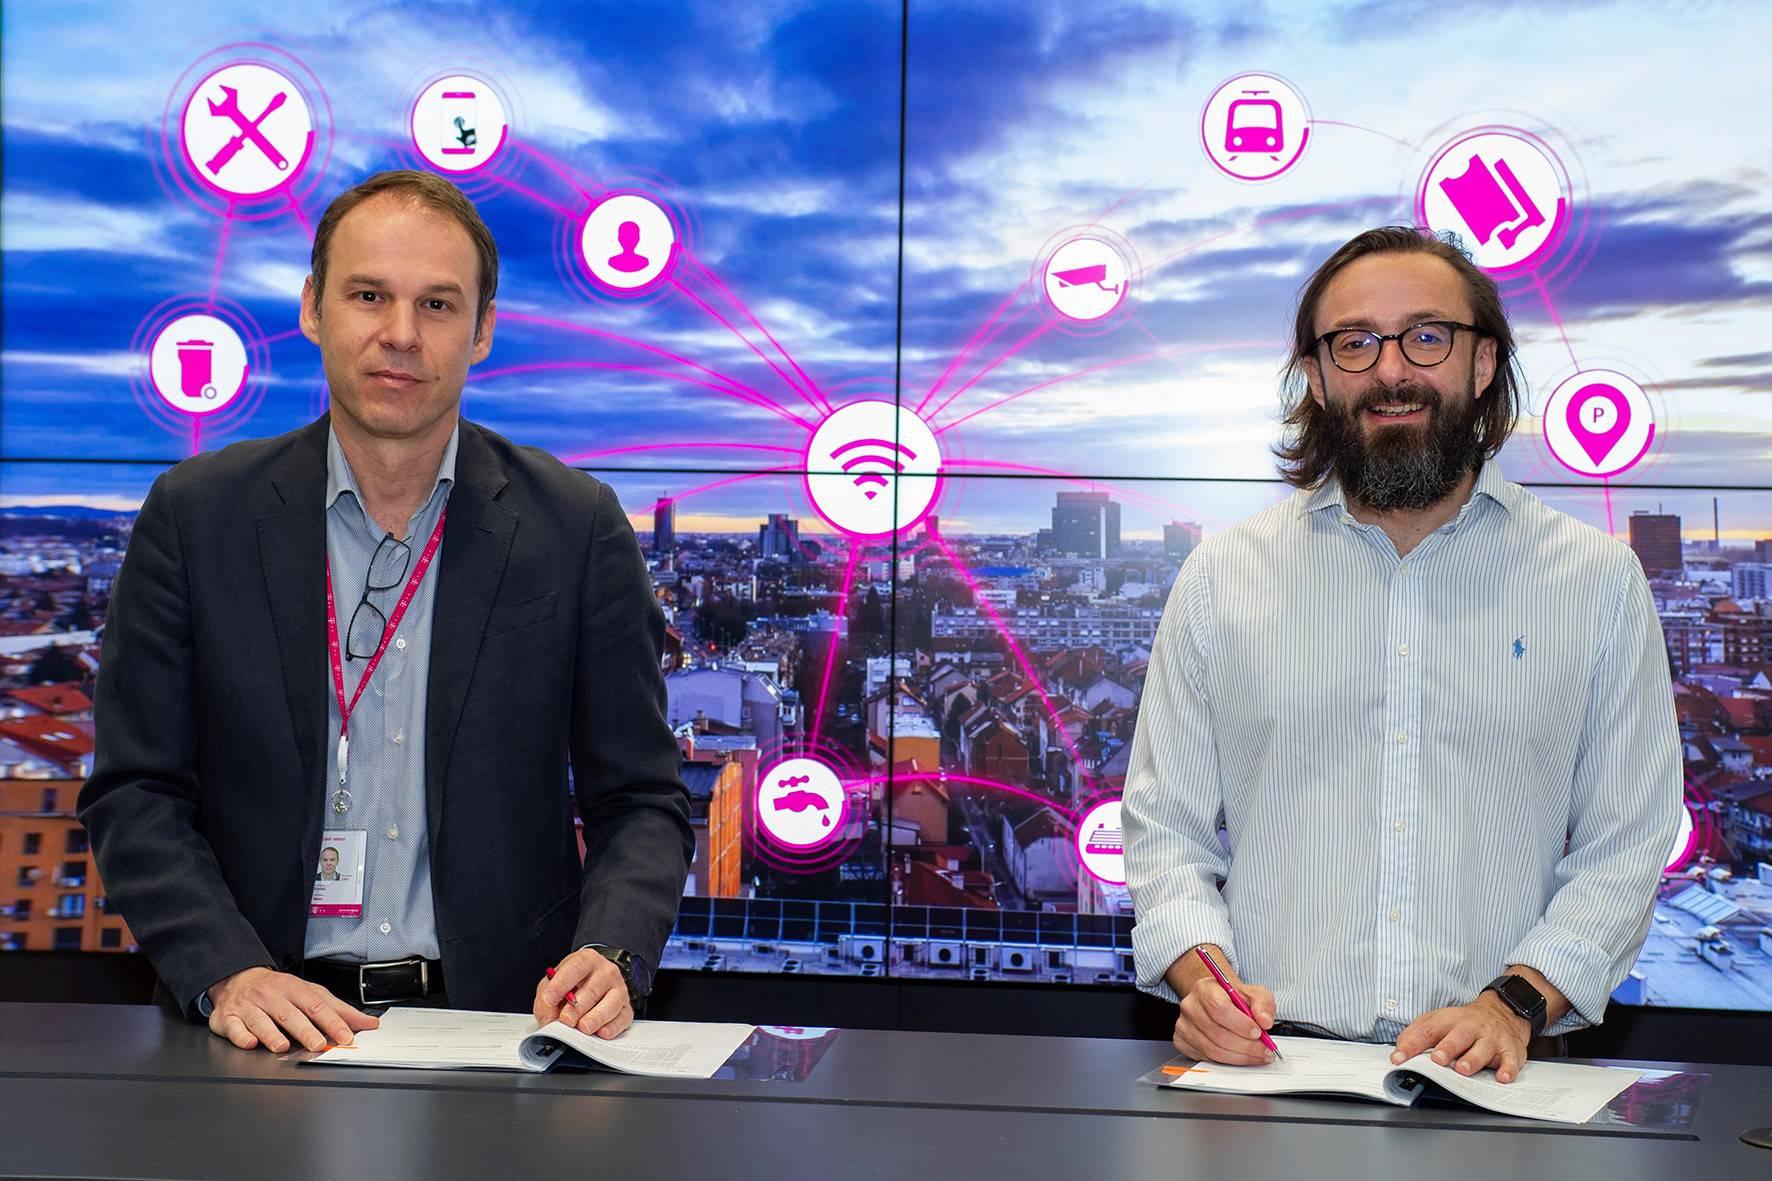 HT i Ericsson Nikola Tesla će zajedno graditi novu 5G mrežu